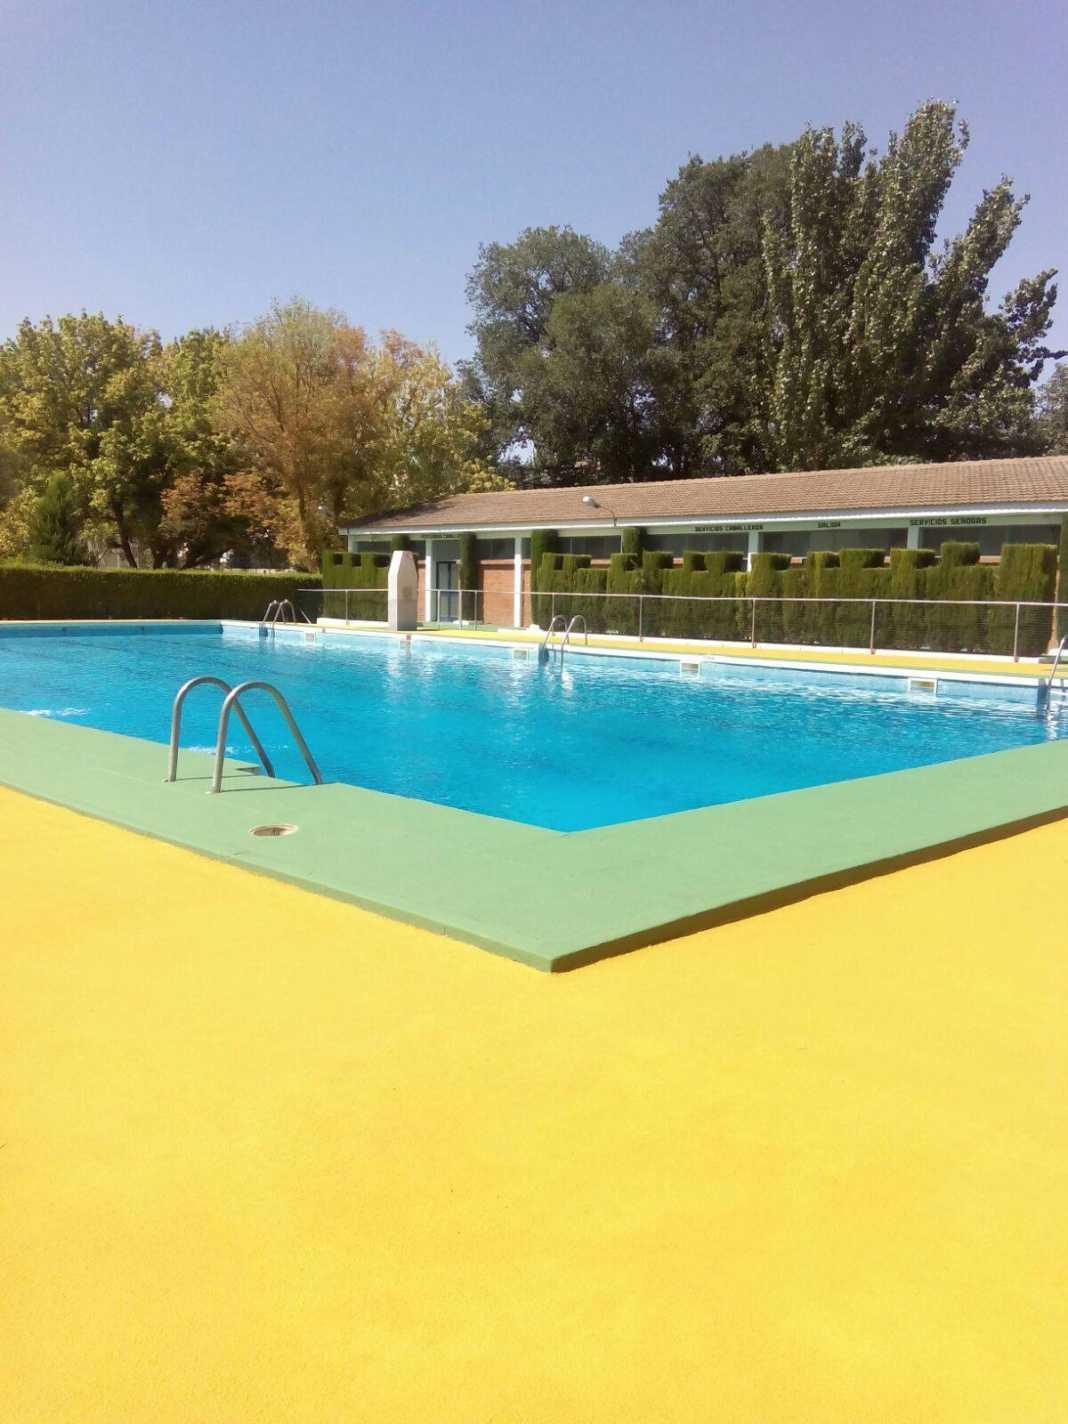 La piscina municipal cerrada por mantenimiento en pleno verano 11